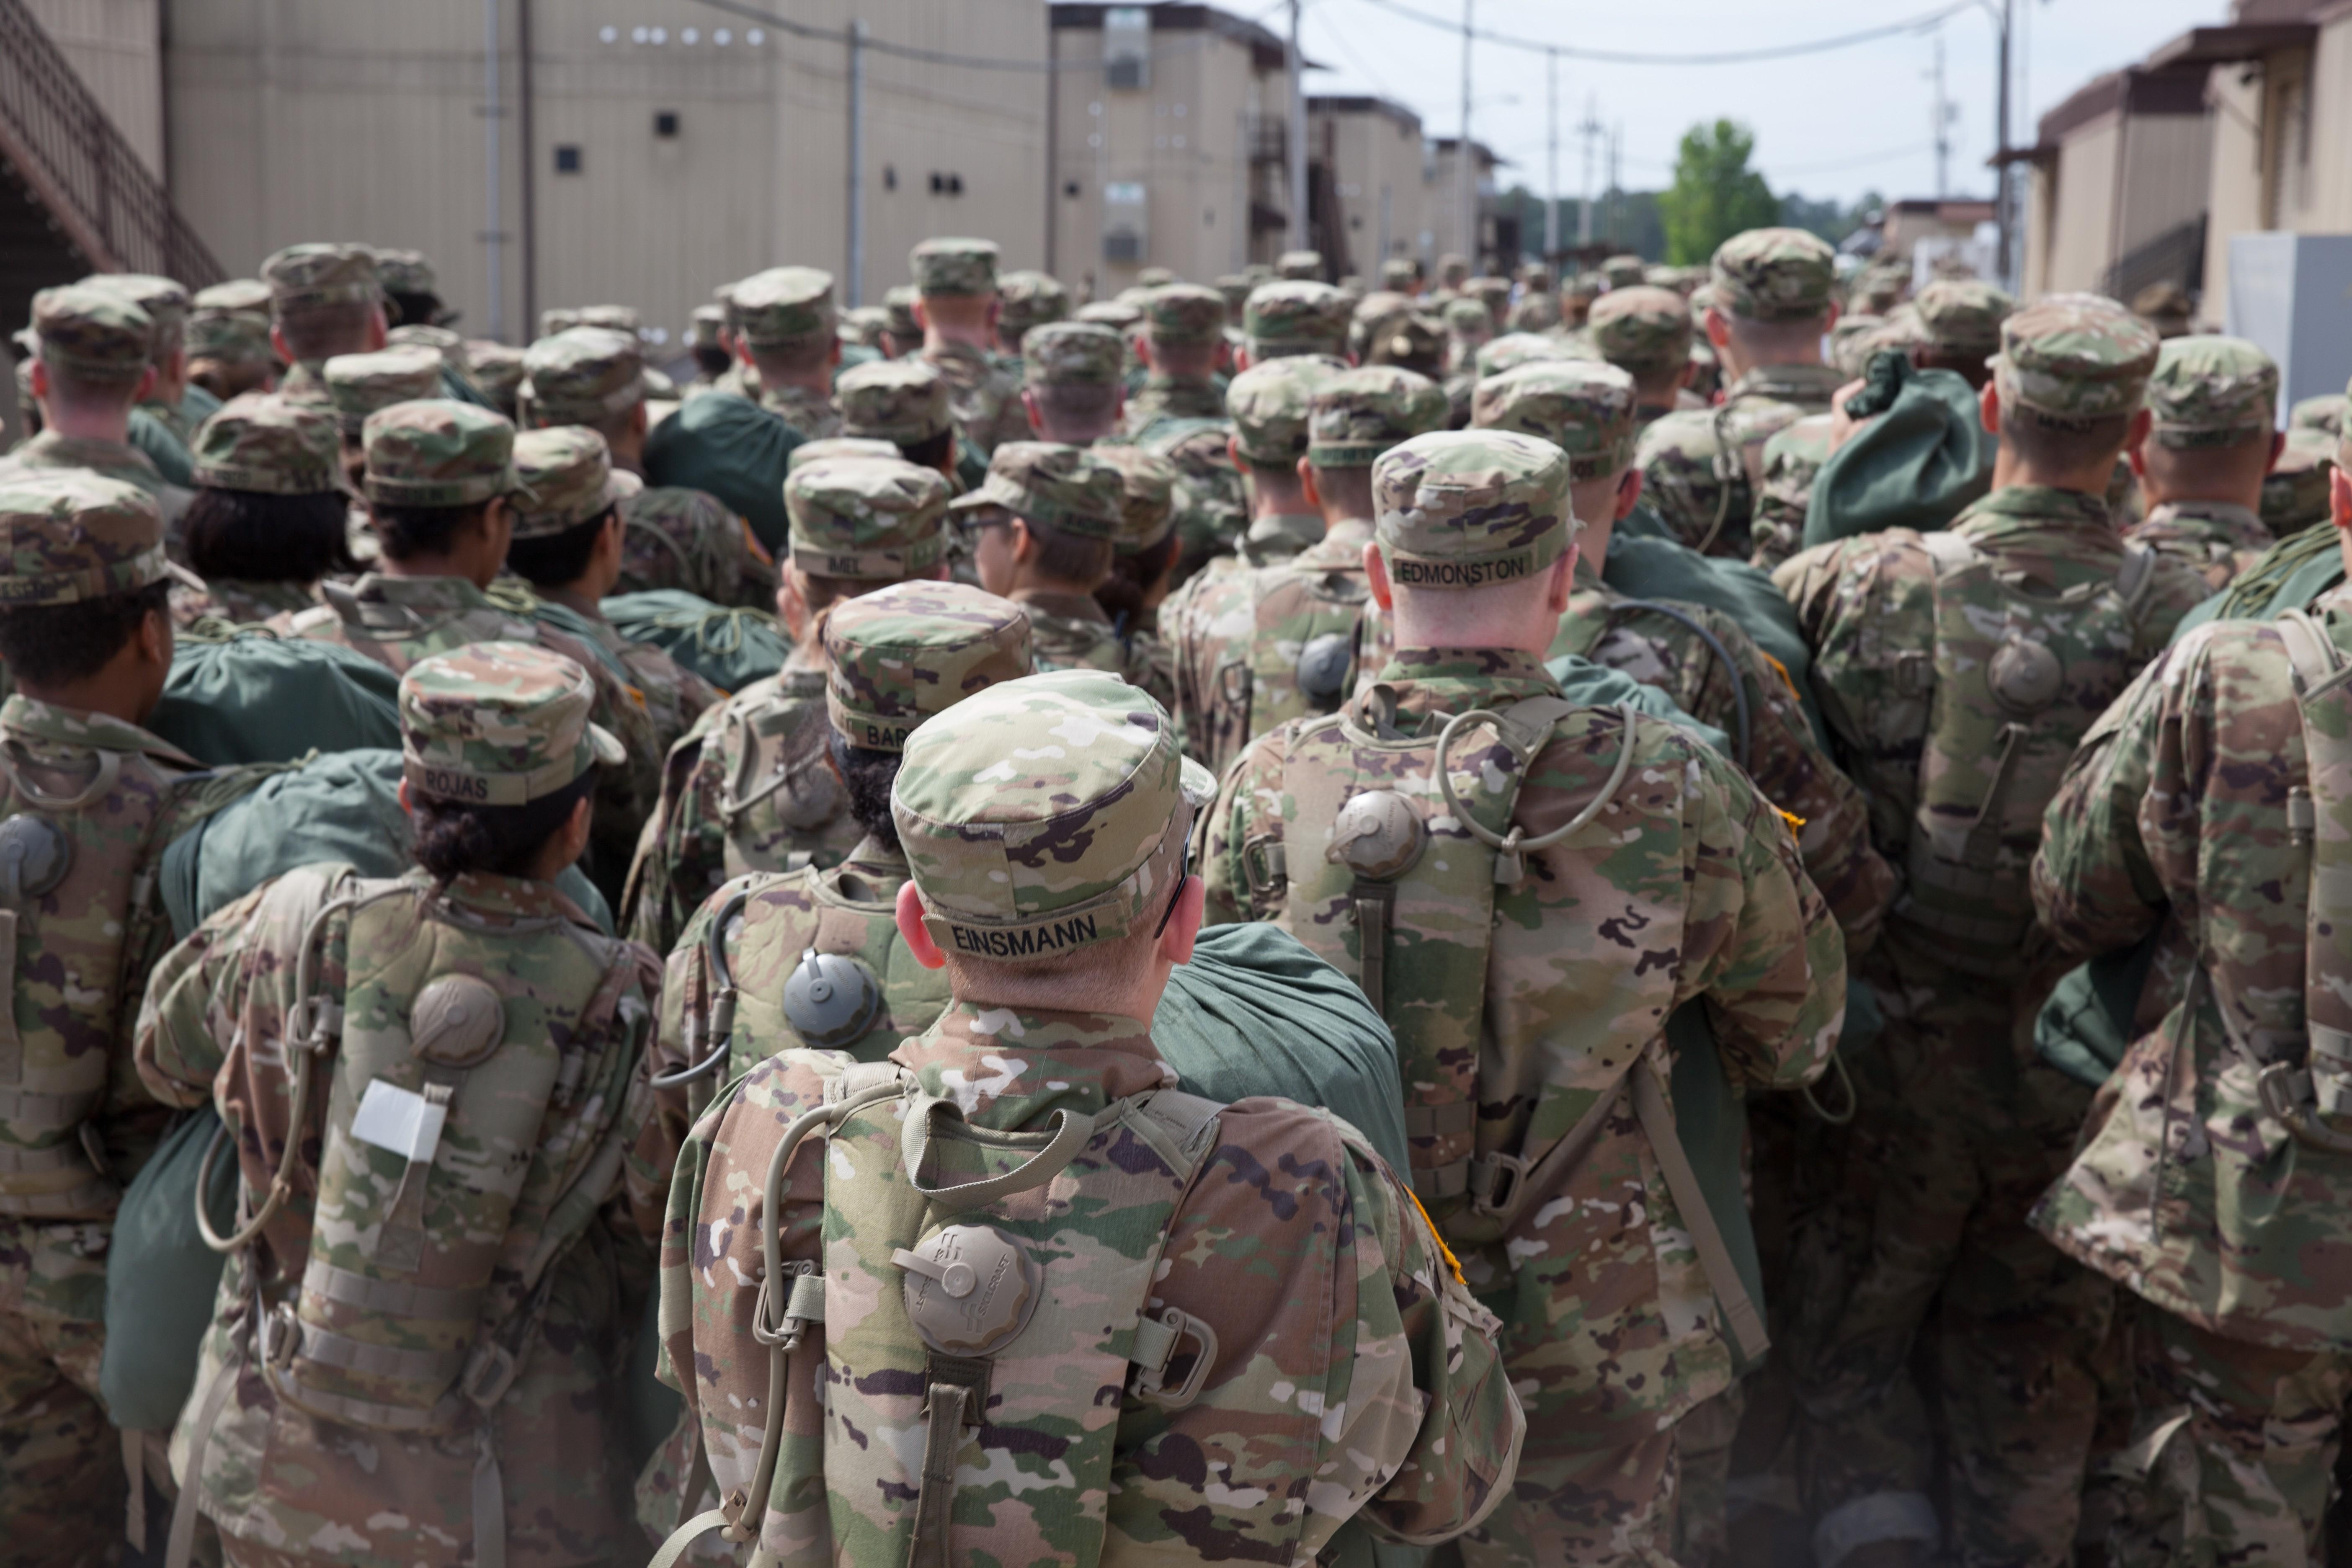 Army Of Us: Basic Training Might Be Lengthened, Says Army Secretary